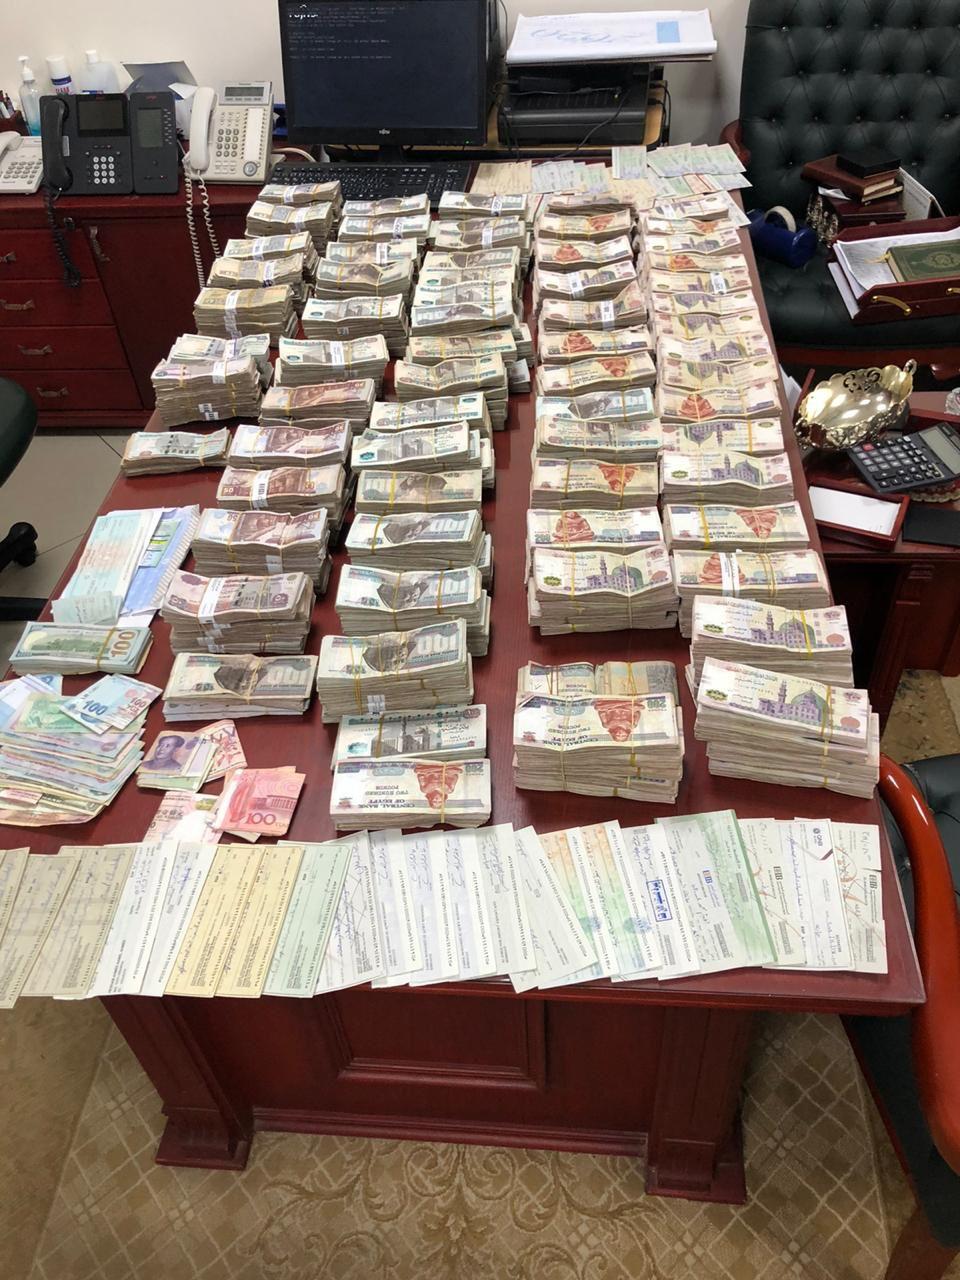 ضبط شخص لقيامه بالنصب والإحتيال على عدد من المواطنين بدعوى توظيف أموالهم بسوهاج